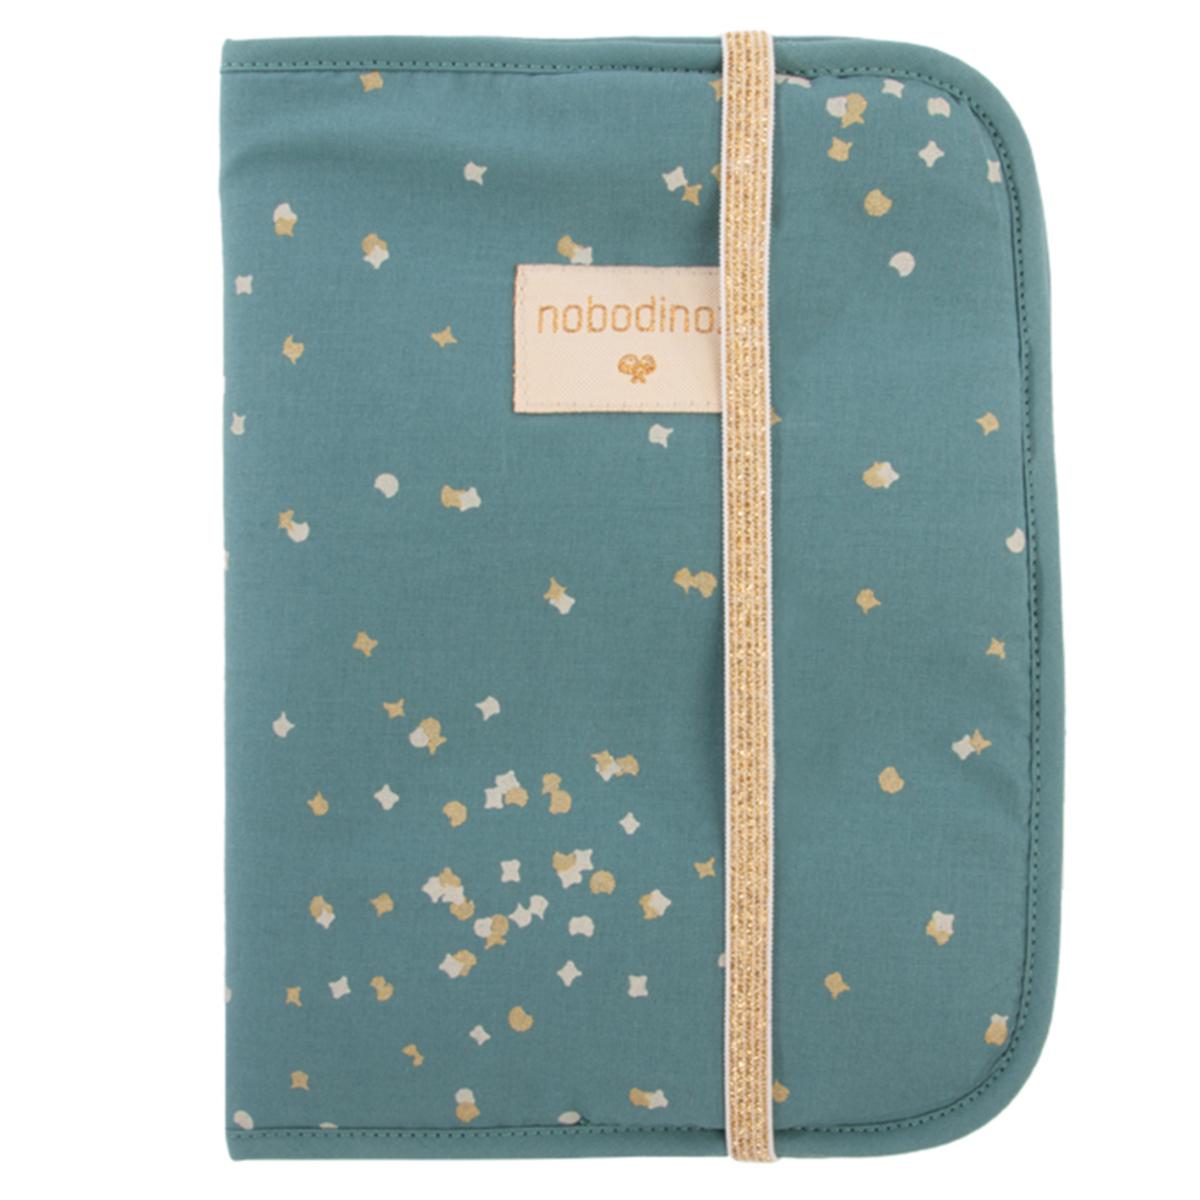 Protège-carnet santé Protège Carnet de Santé Poema - Gold Confetti & Magic Green Protège Carnet de Santé Poema - Gold Confetti & Magic Green